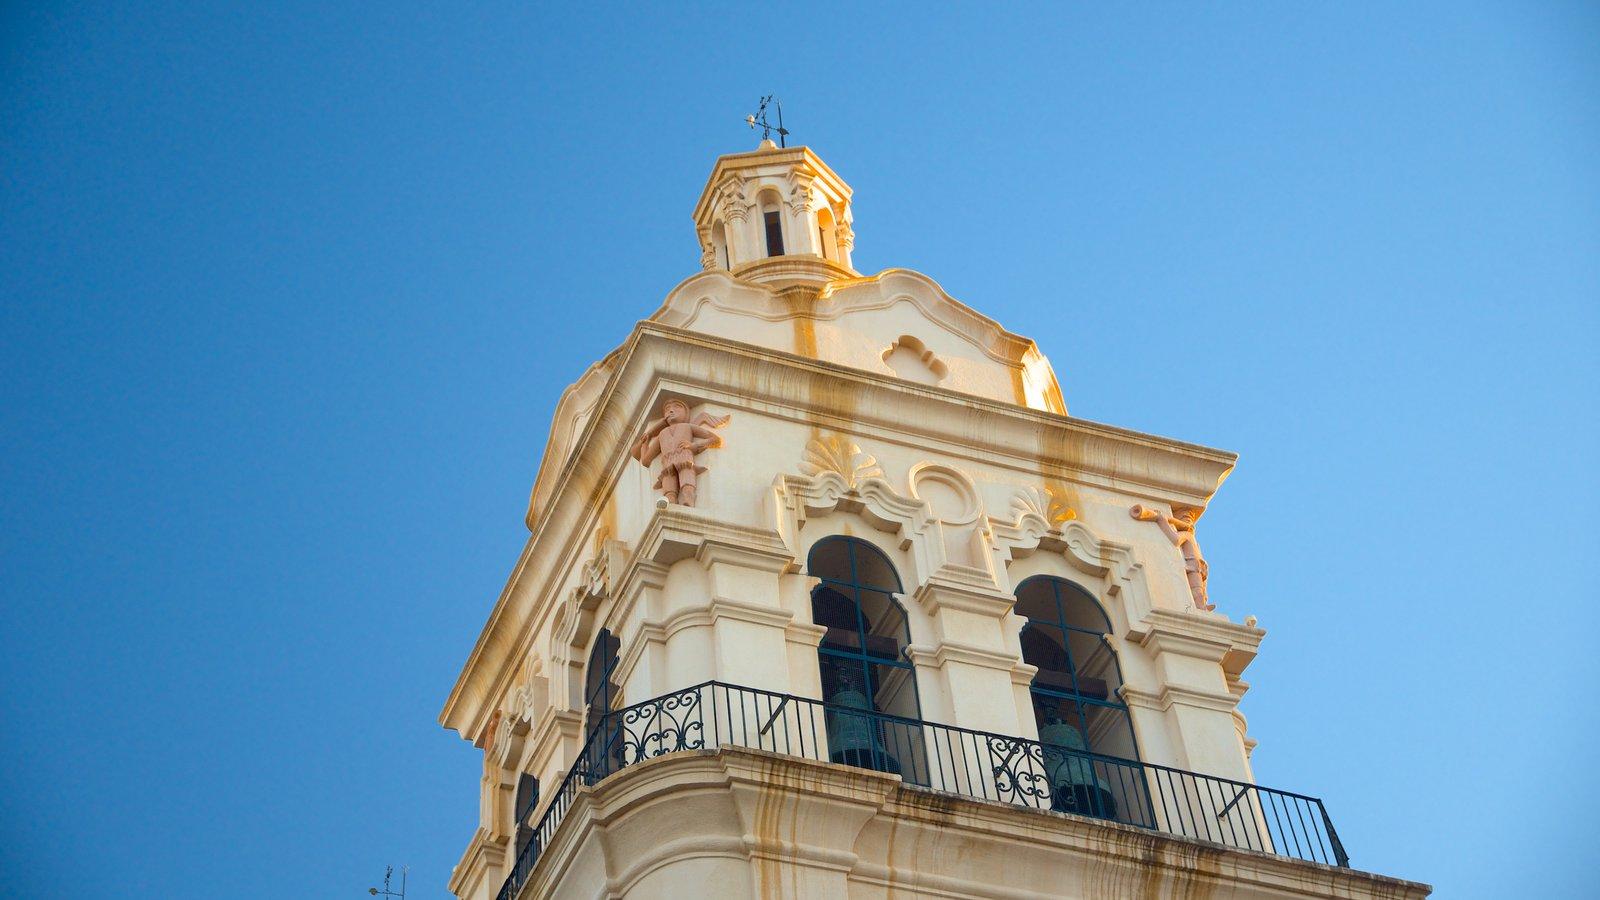 Catedral de Cordoba que inclui arquitetura de patrimônio, uma igreja ou catedral e aspectos religiosos